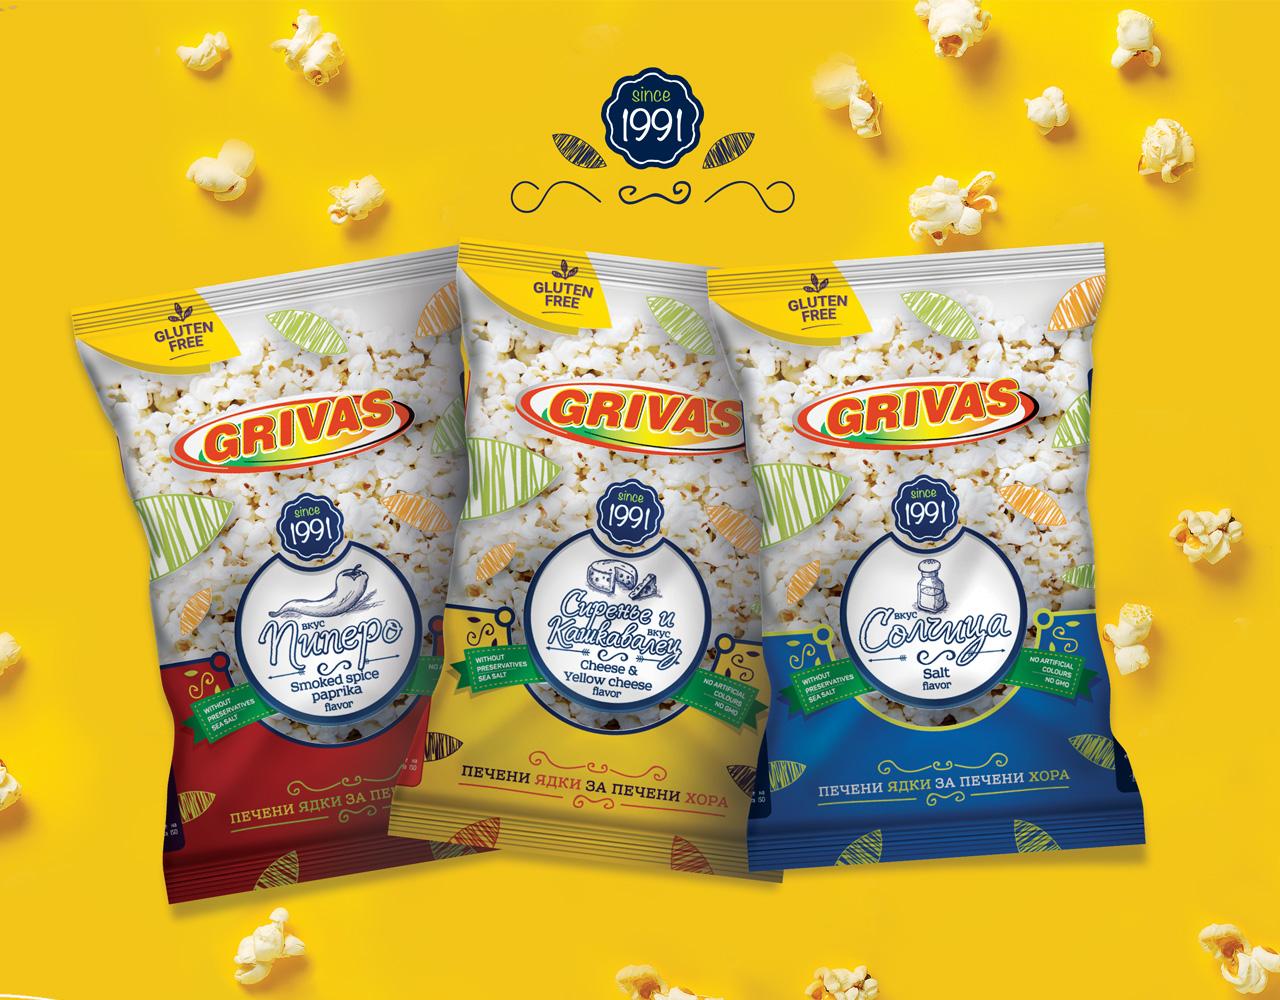 Grivas-popcorn